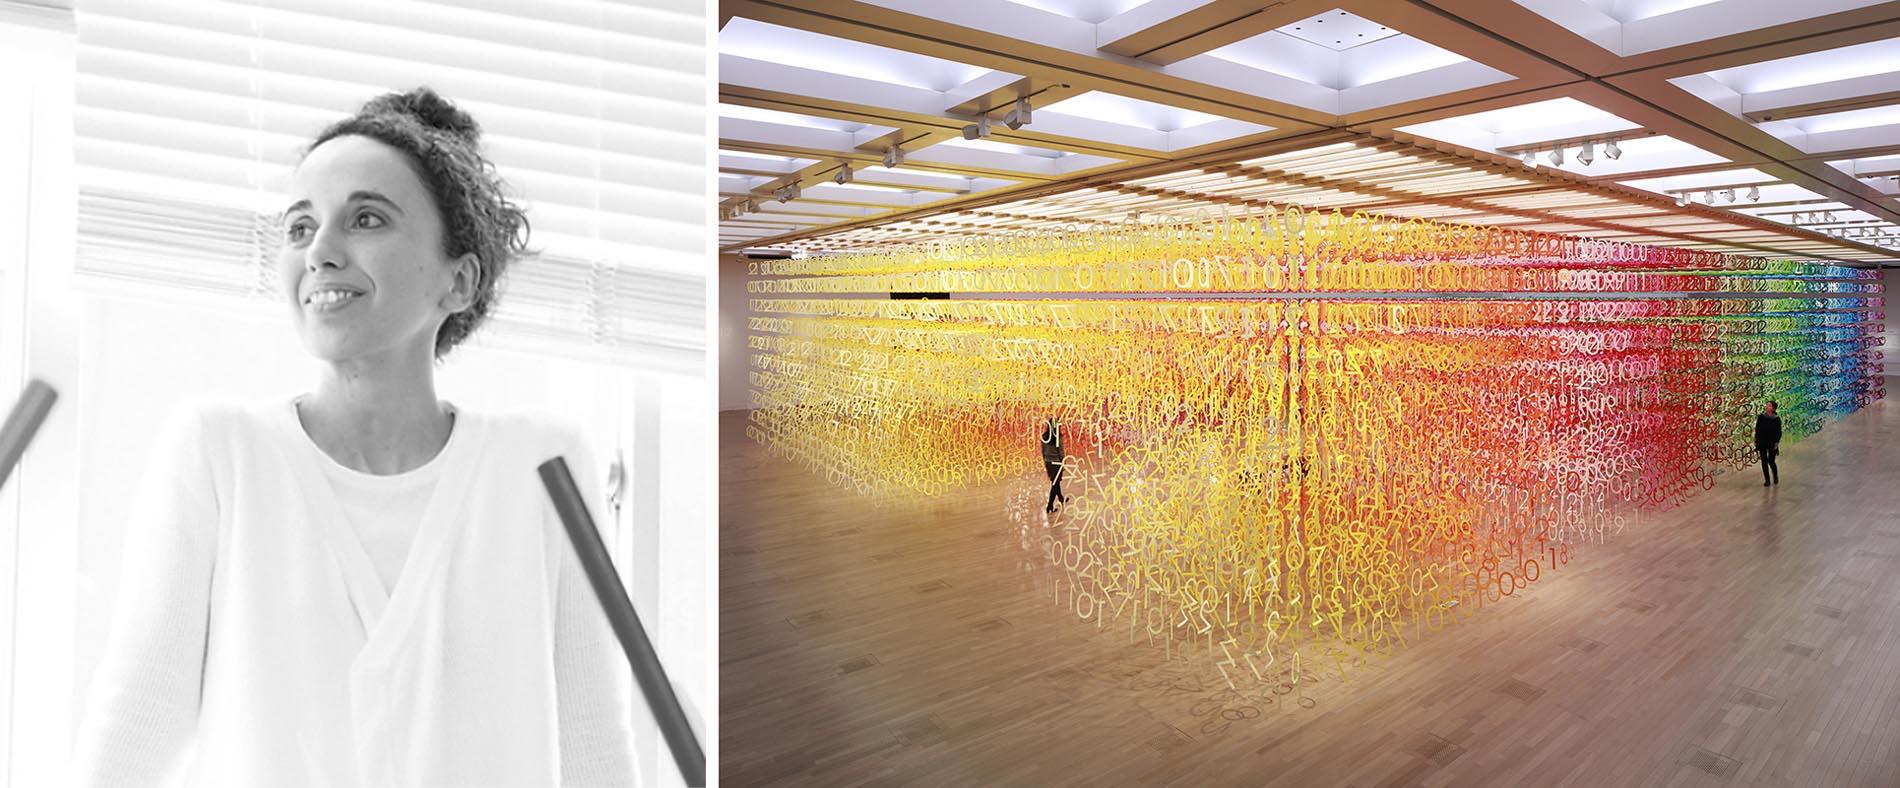 Trái: Emmanuelle Moureaux qua Le Moniteur; Phải: Forest of Numbers, Tokyo, Nhật Bản, Người chiến thắng trong Ban giám khảo Giải thưởng A + năm 2020 trong hạng mục Kiến trúc + Màu sắc